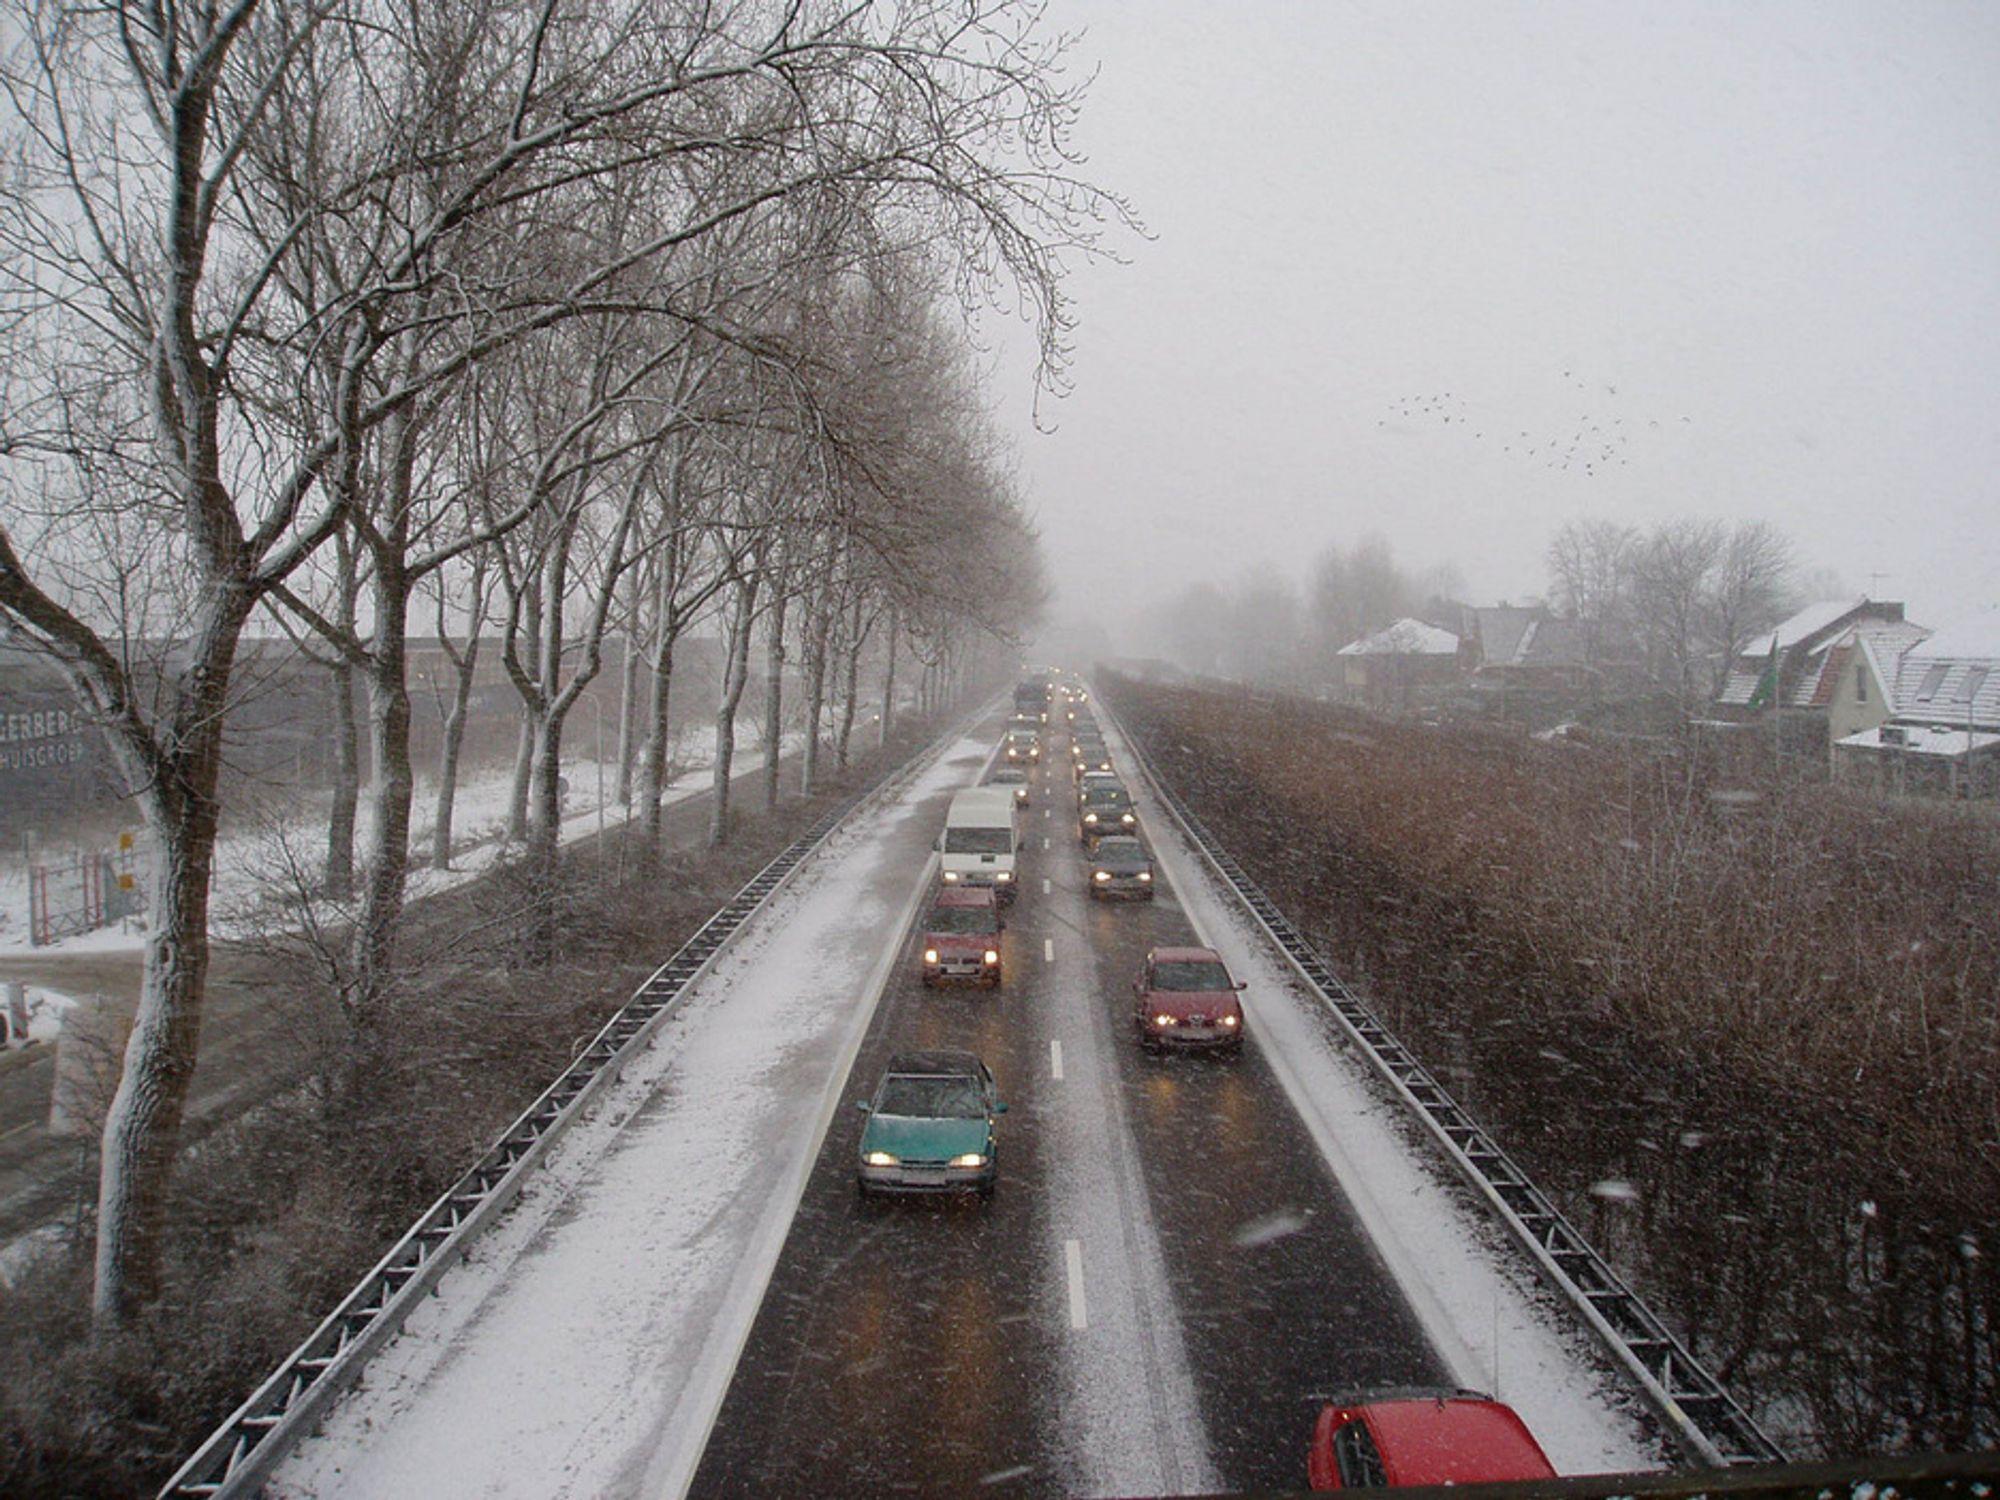 Veisalt er svært skadelig for vegetasjonen langs veiene, viser forskning.